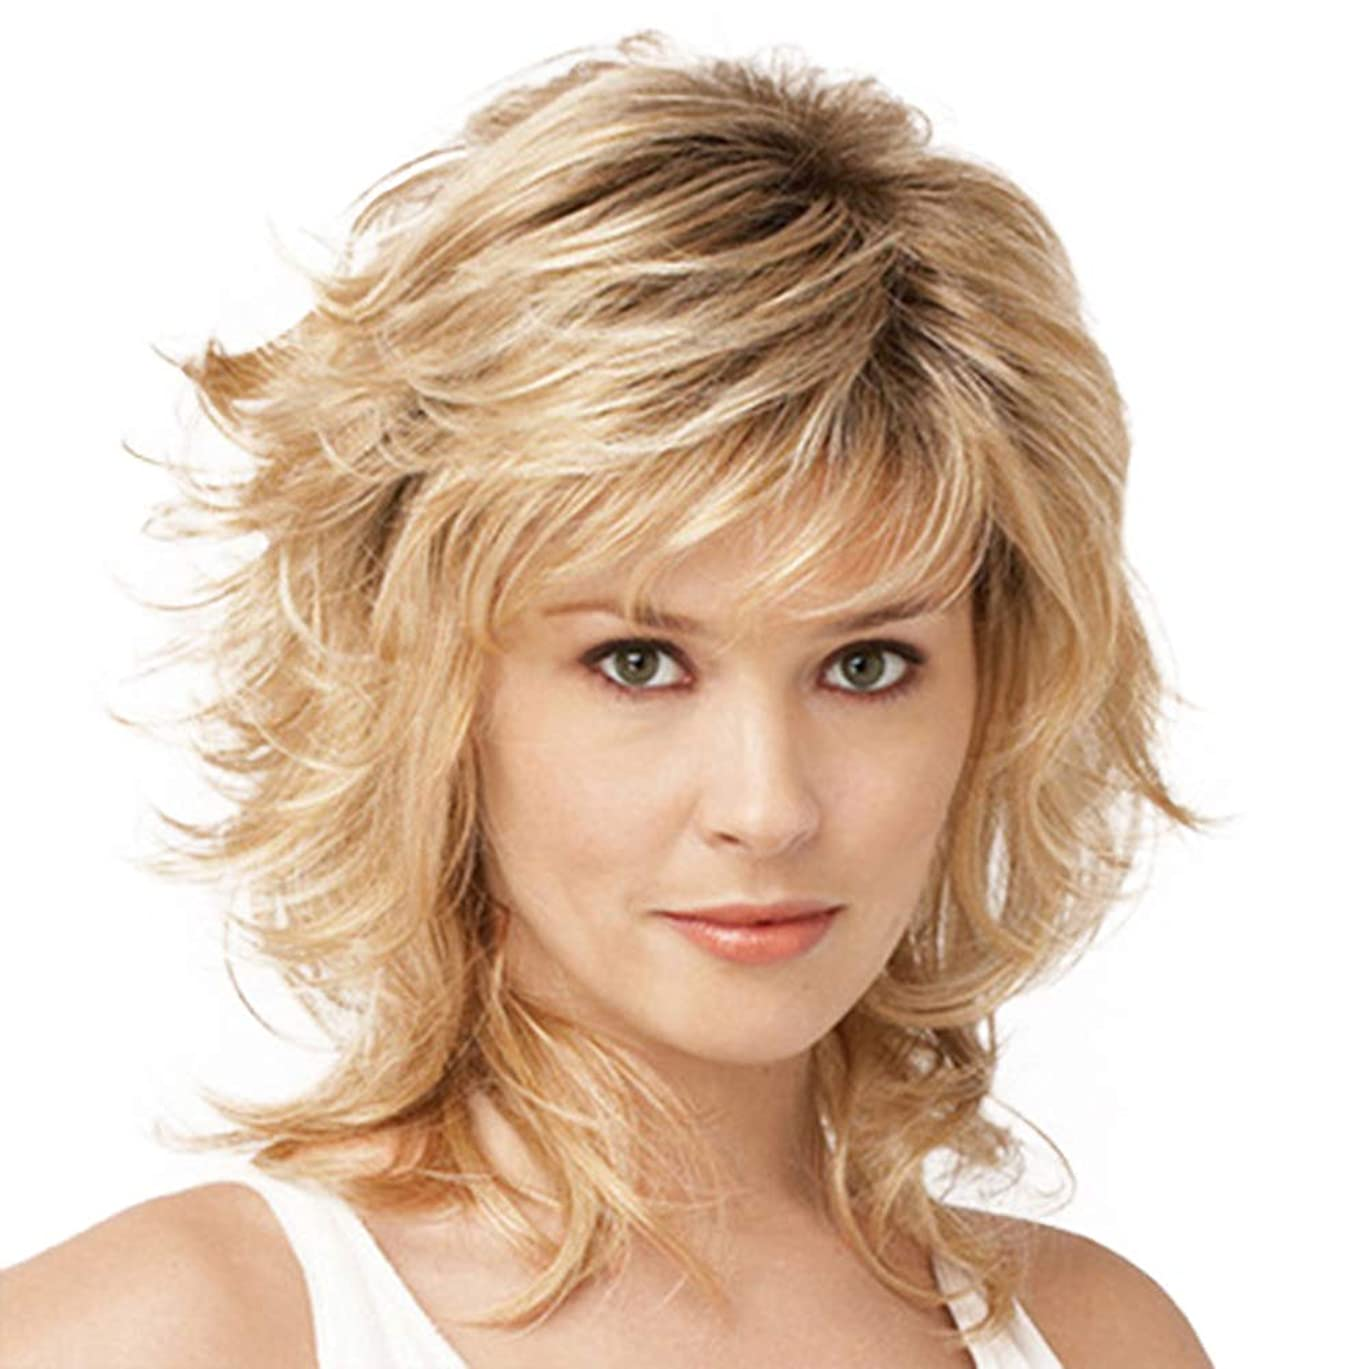 疾患短くする作者女性のかつら180%密度ふわふわロングカーリー波状の高品質耐熱合成として本物の人間の髪の毛のかつらゴールデン32 cm